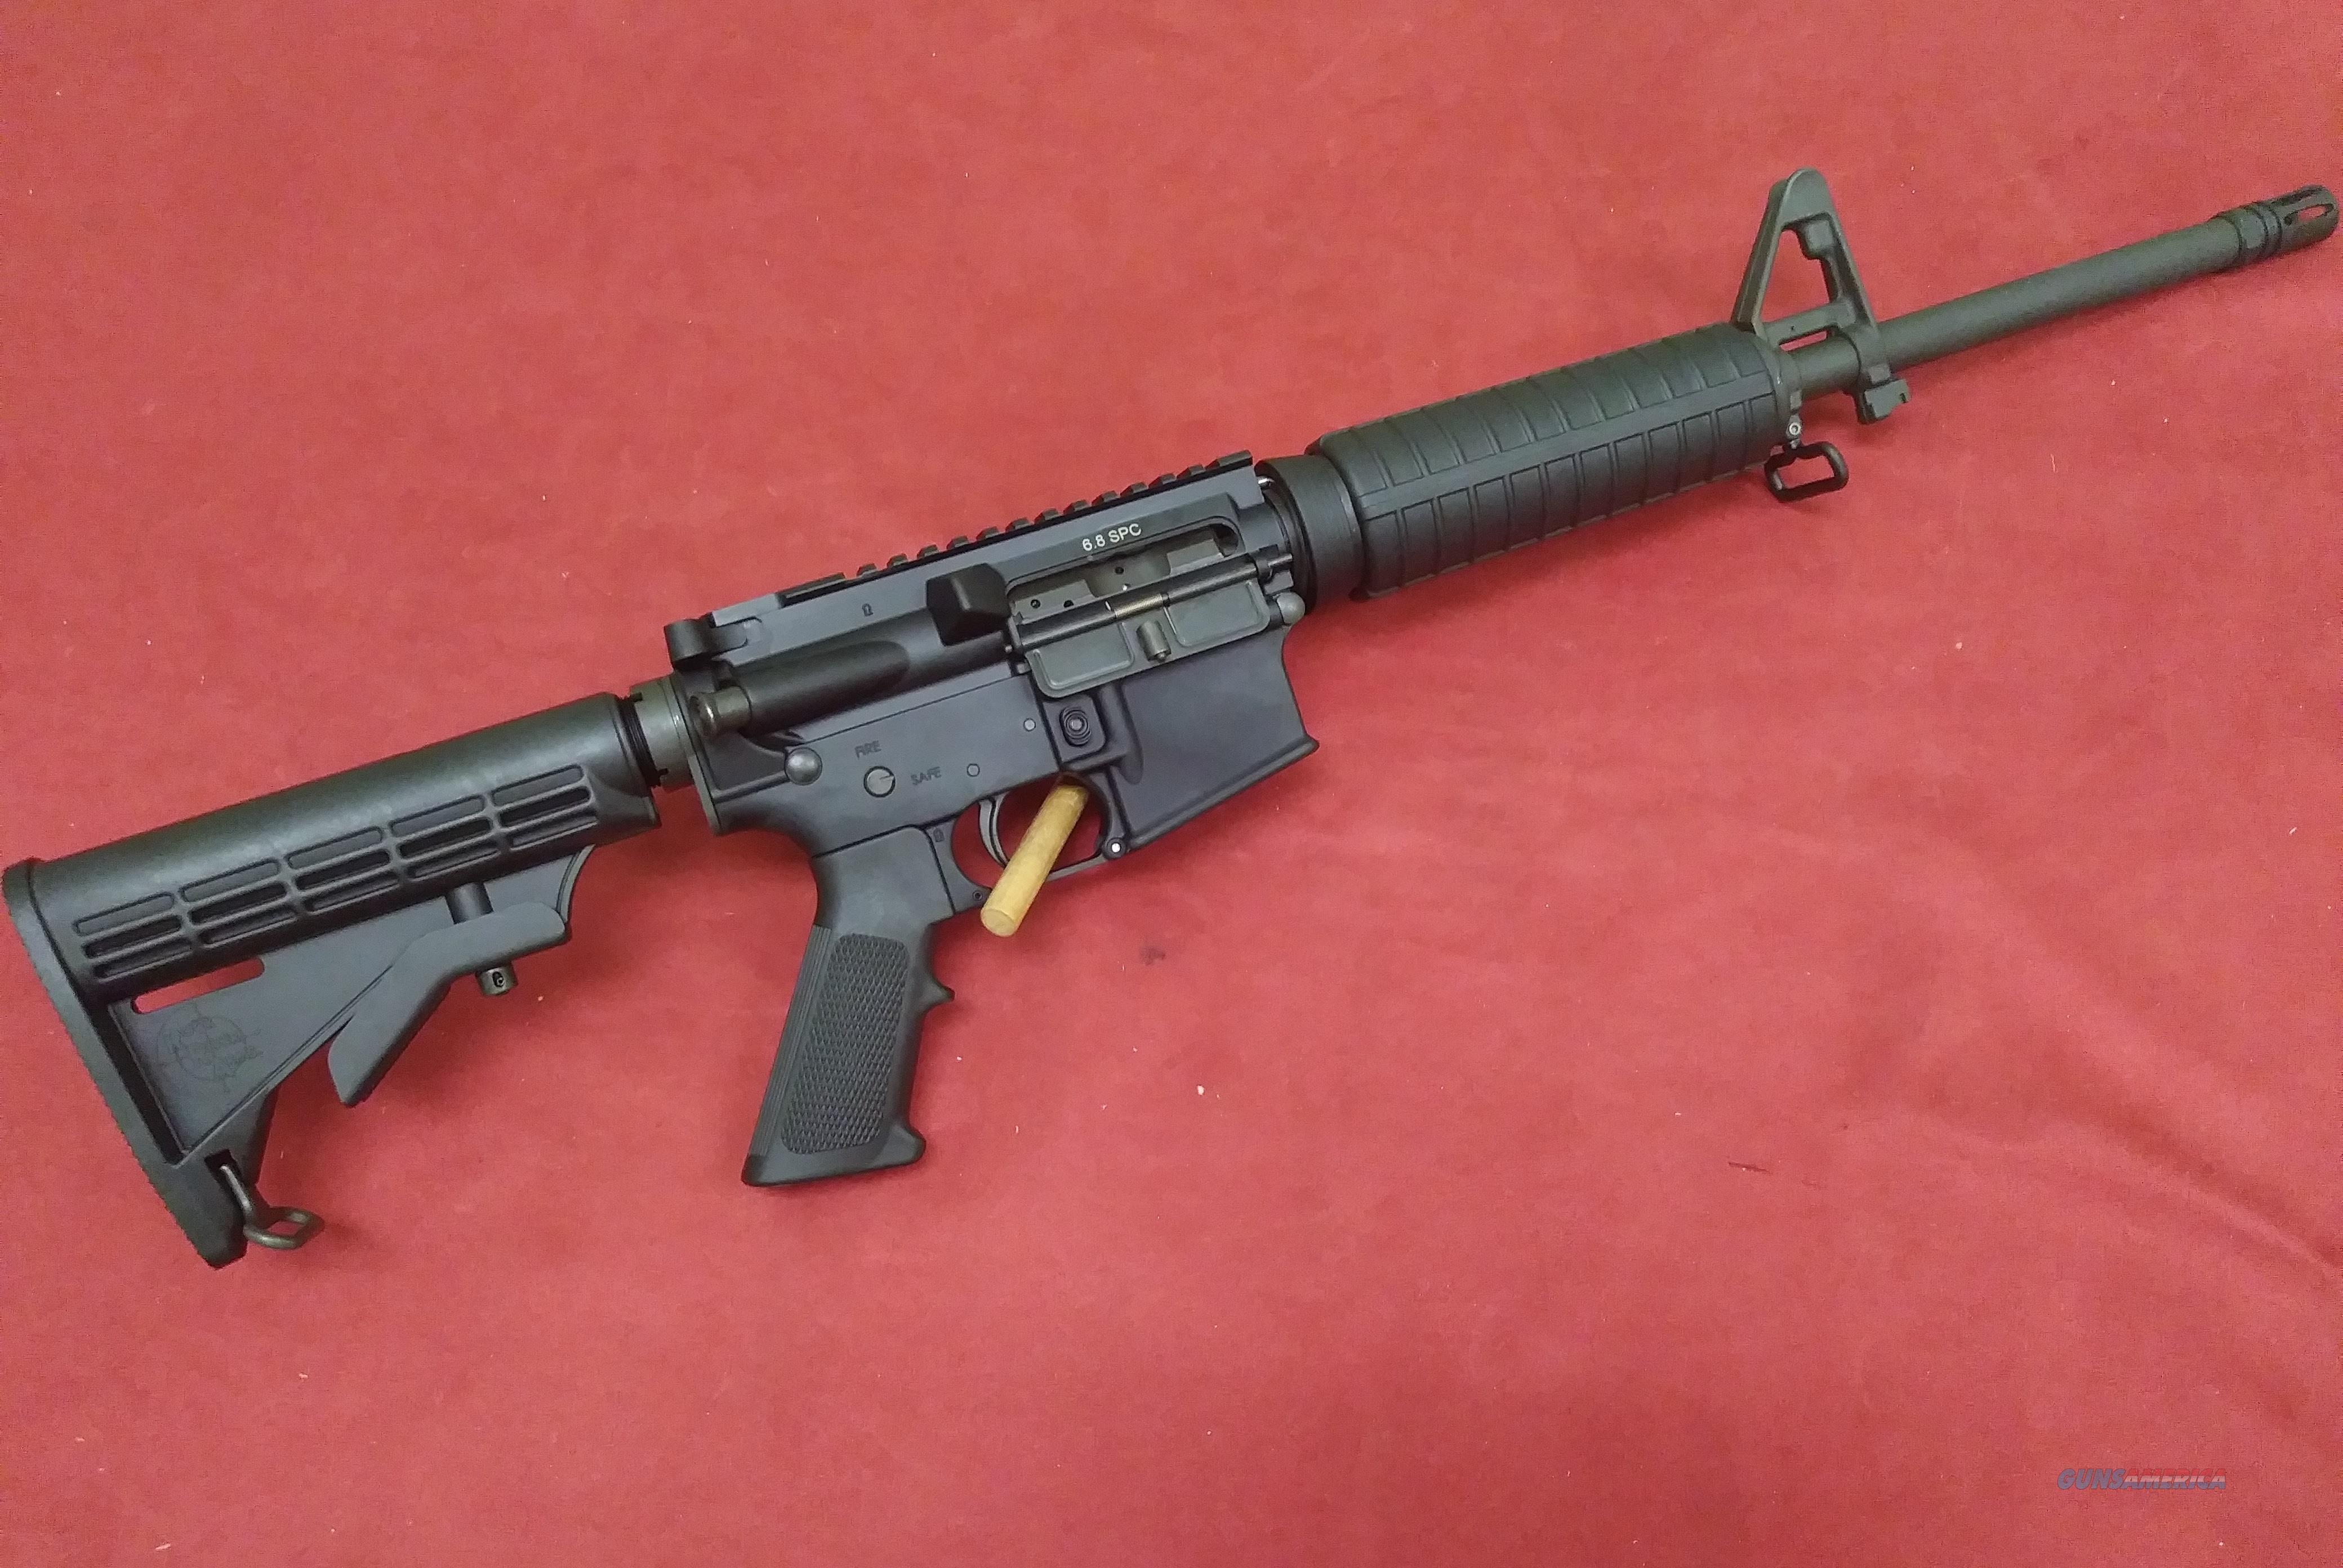 Rock River Arms LAR-6, 6.8 spc  Guns > Rifles > Rock River Arms Rifles